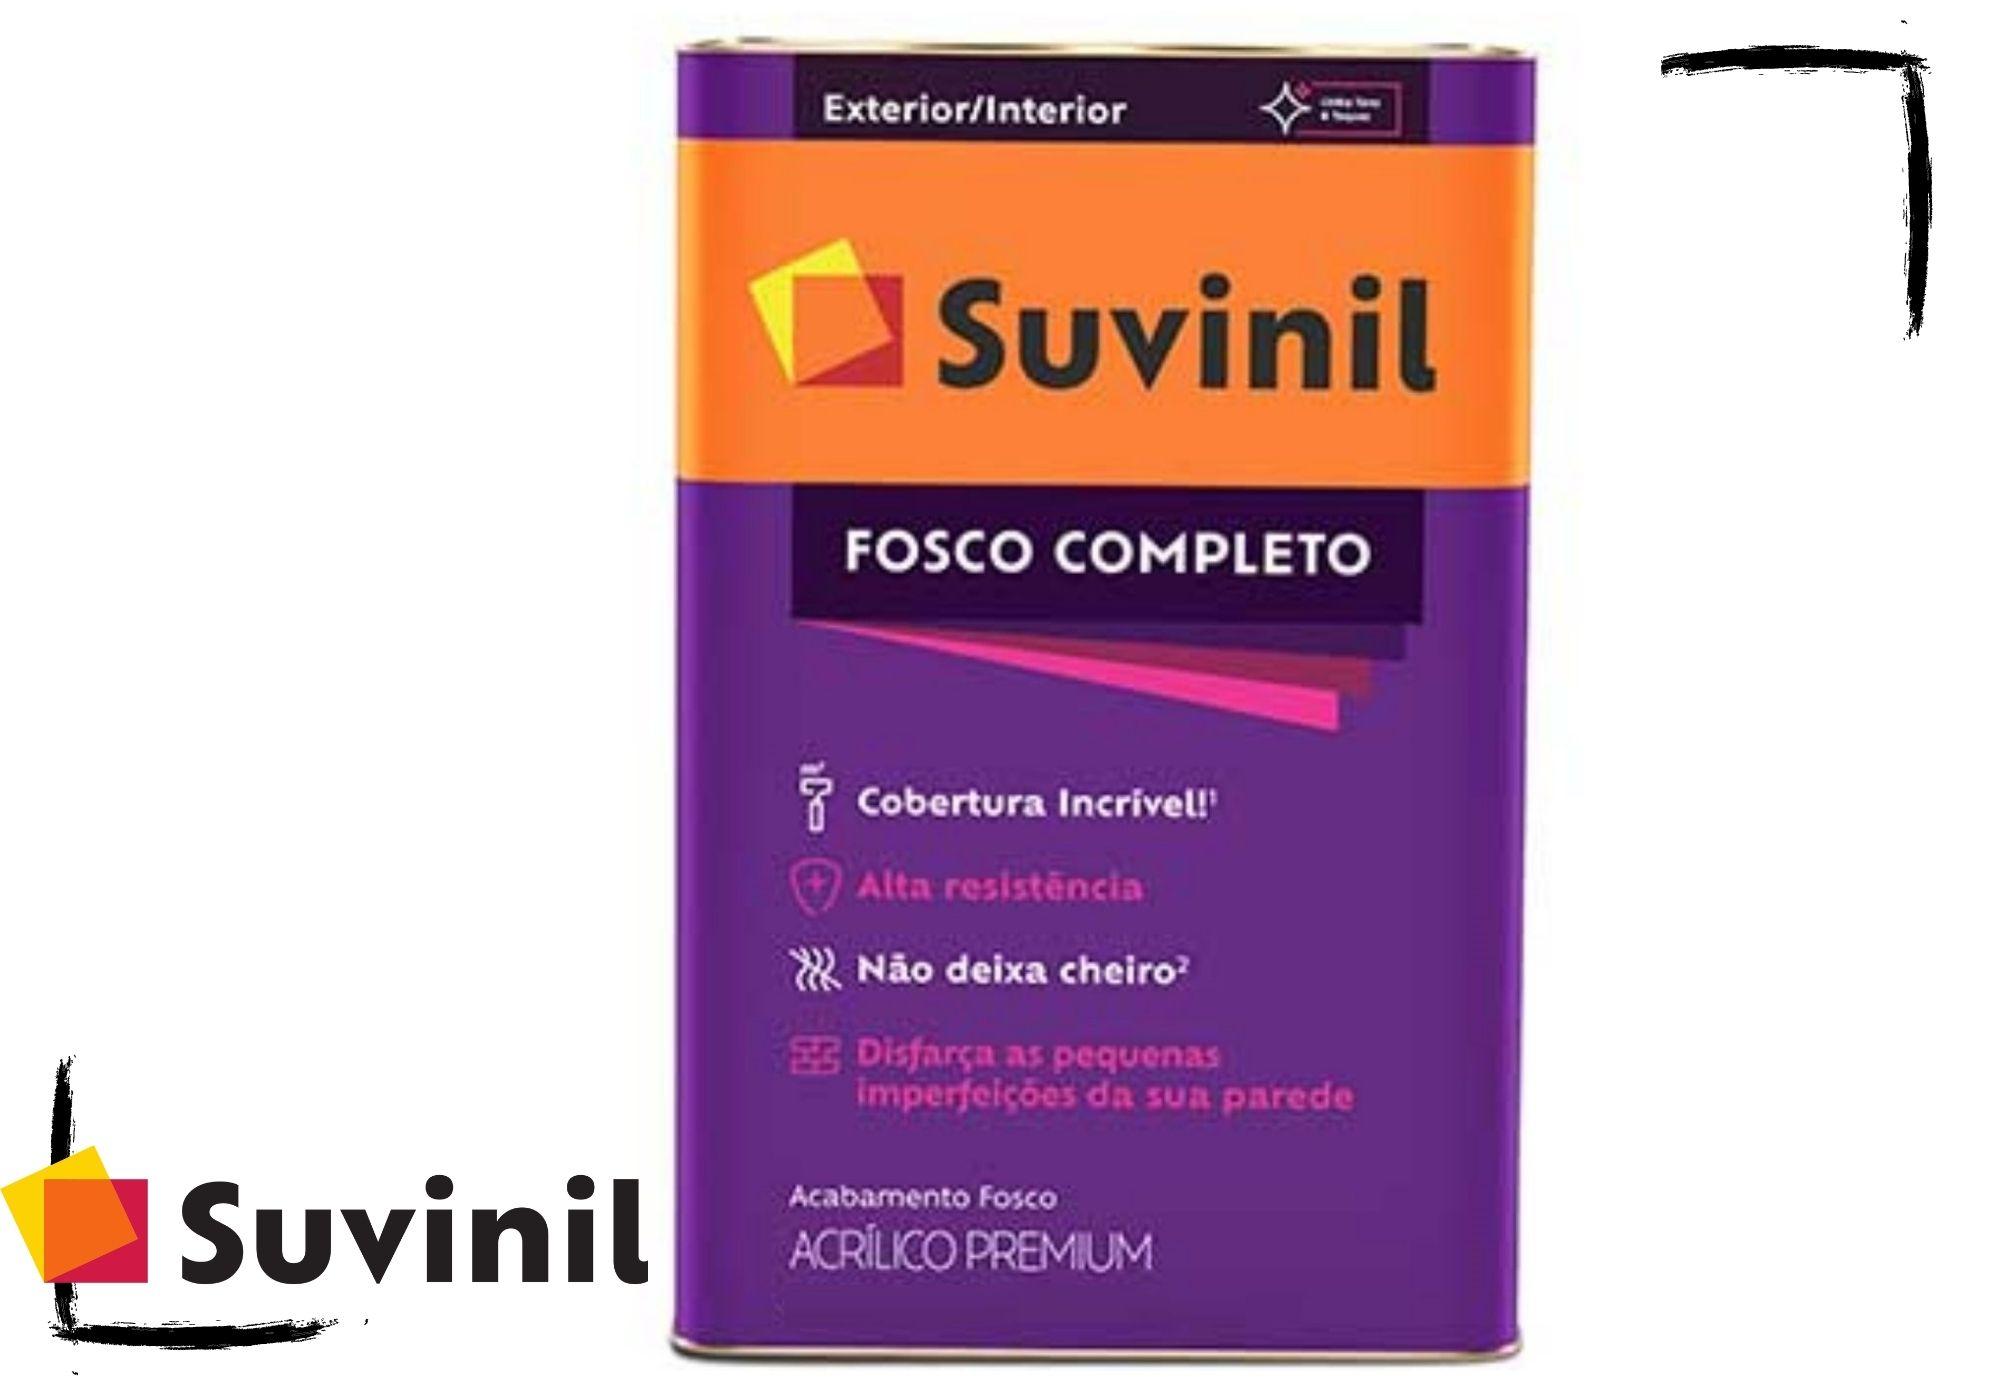 Suvinil Fosco Completo Acrílico Premium 18L*